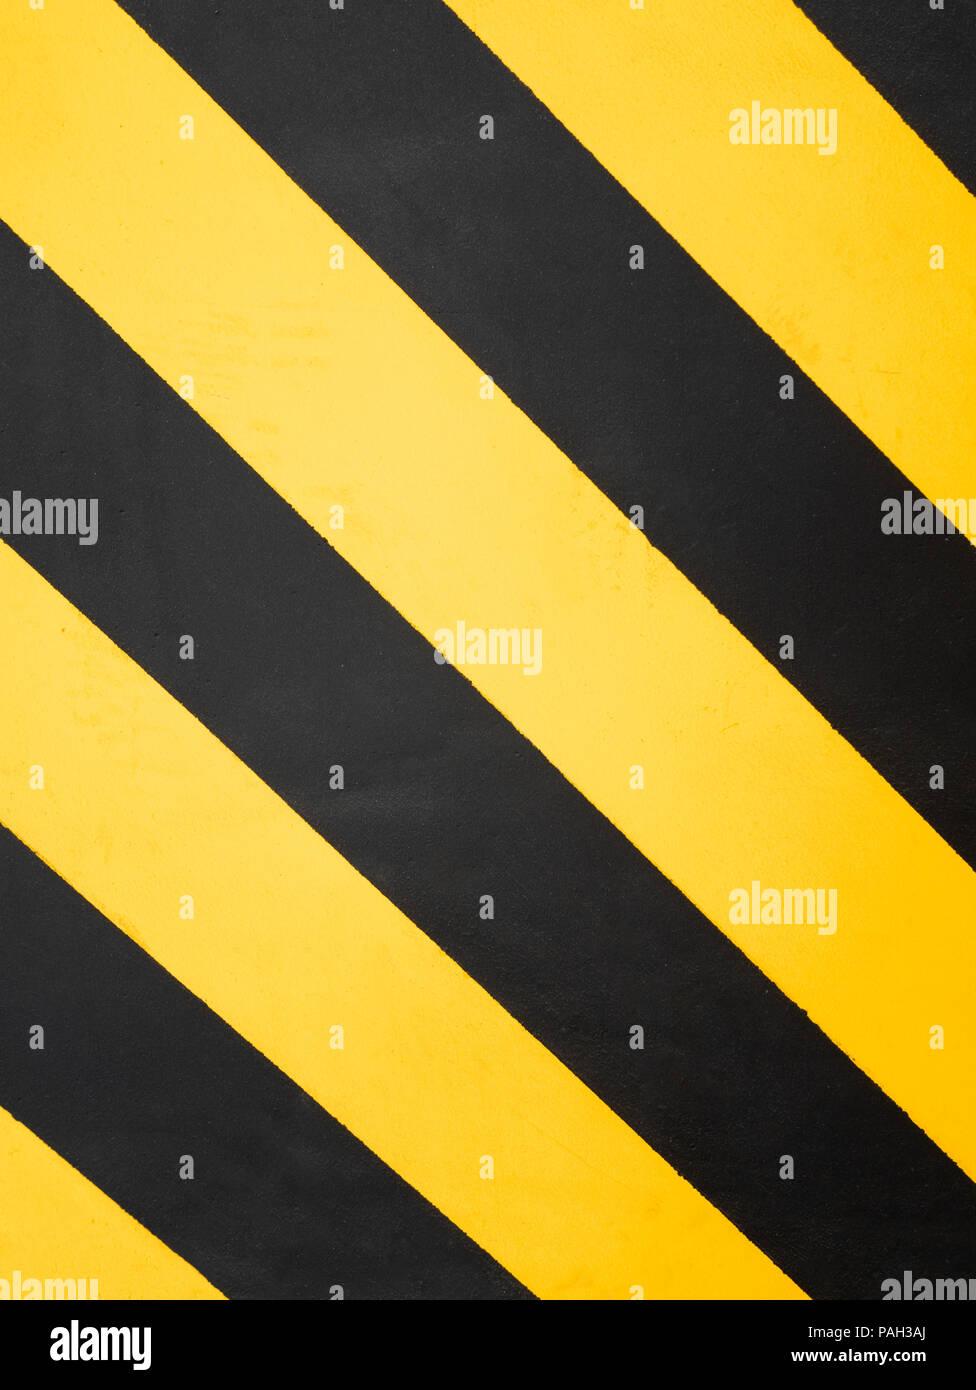 Fesselnd Gefahrenzone. Gelb Und Schwarz Warnzeichen. Muster, Schrägen Spritzer  Kopieren. Gefahr Konzept